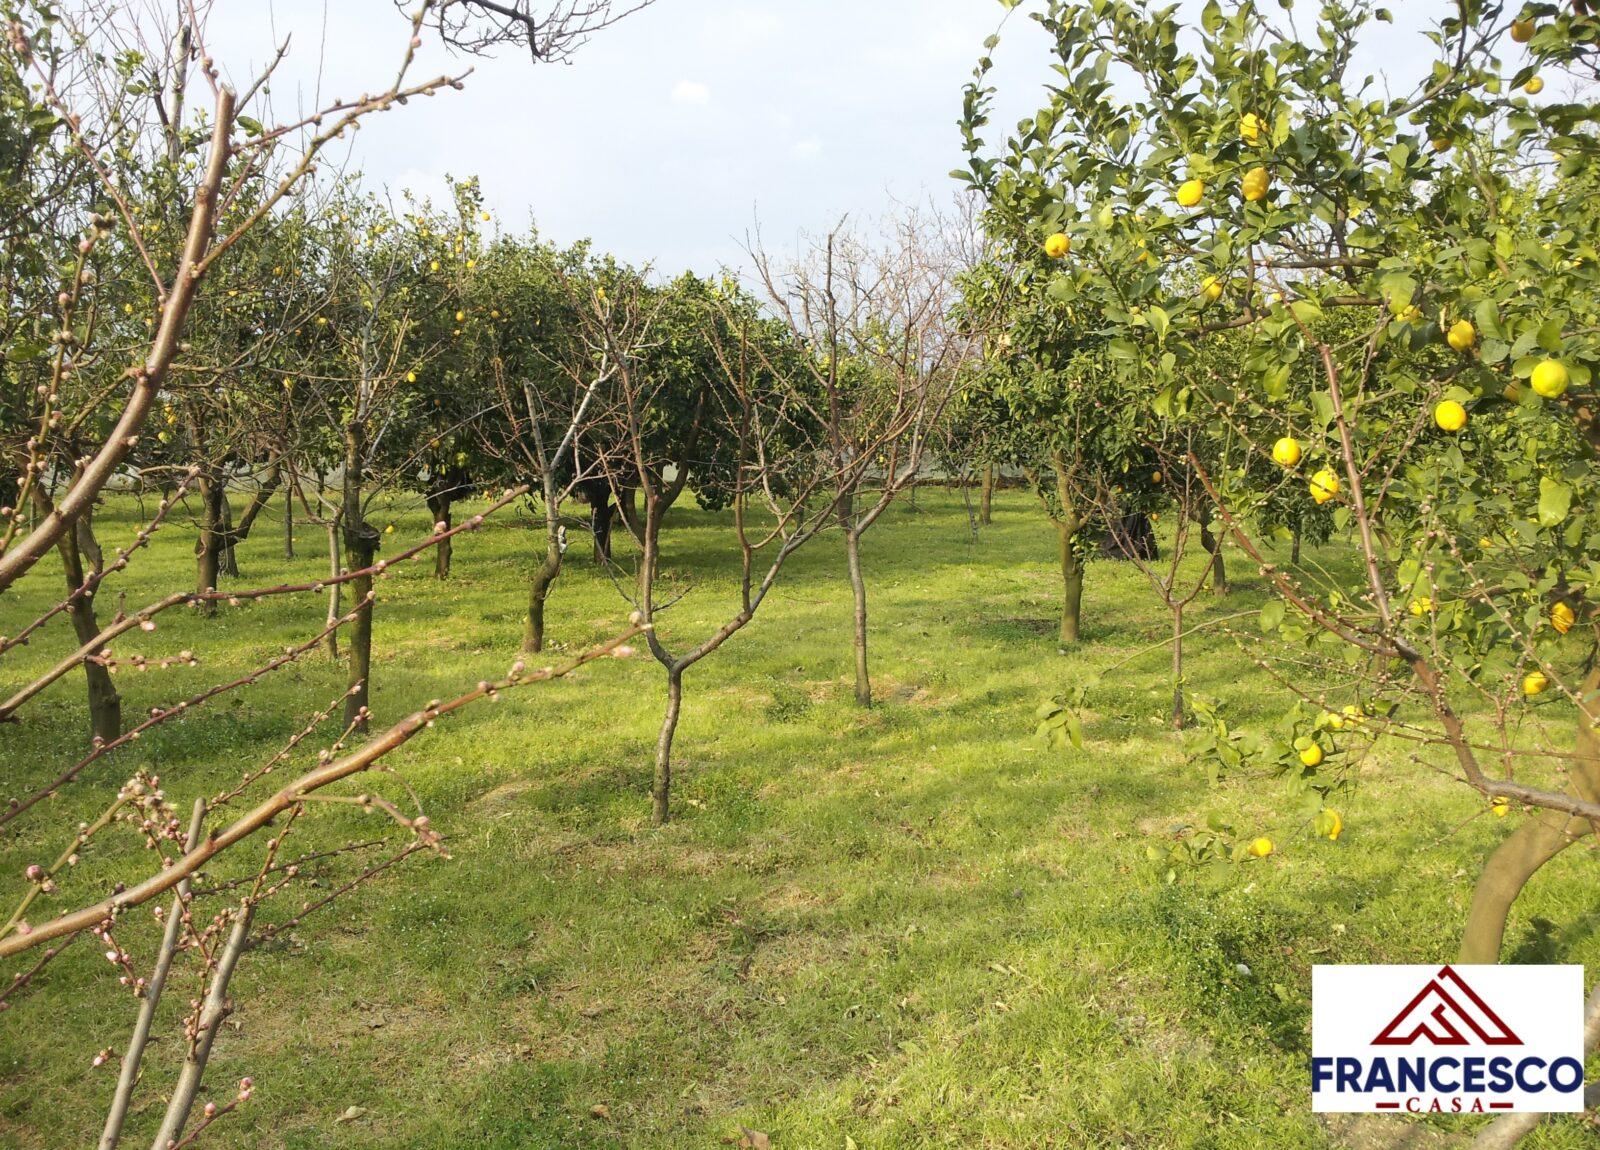 Terreno in vendita a Sant'Egidio del Monte Albino via Castello Troiano